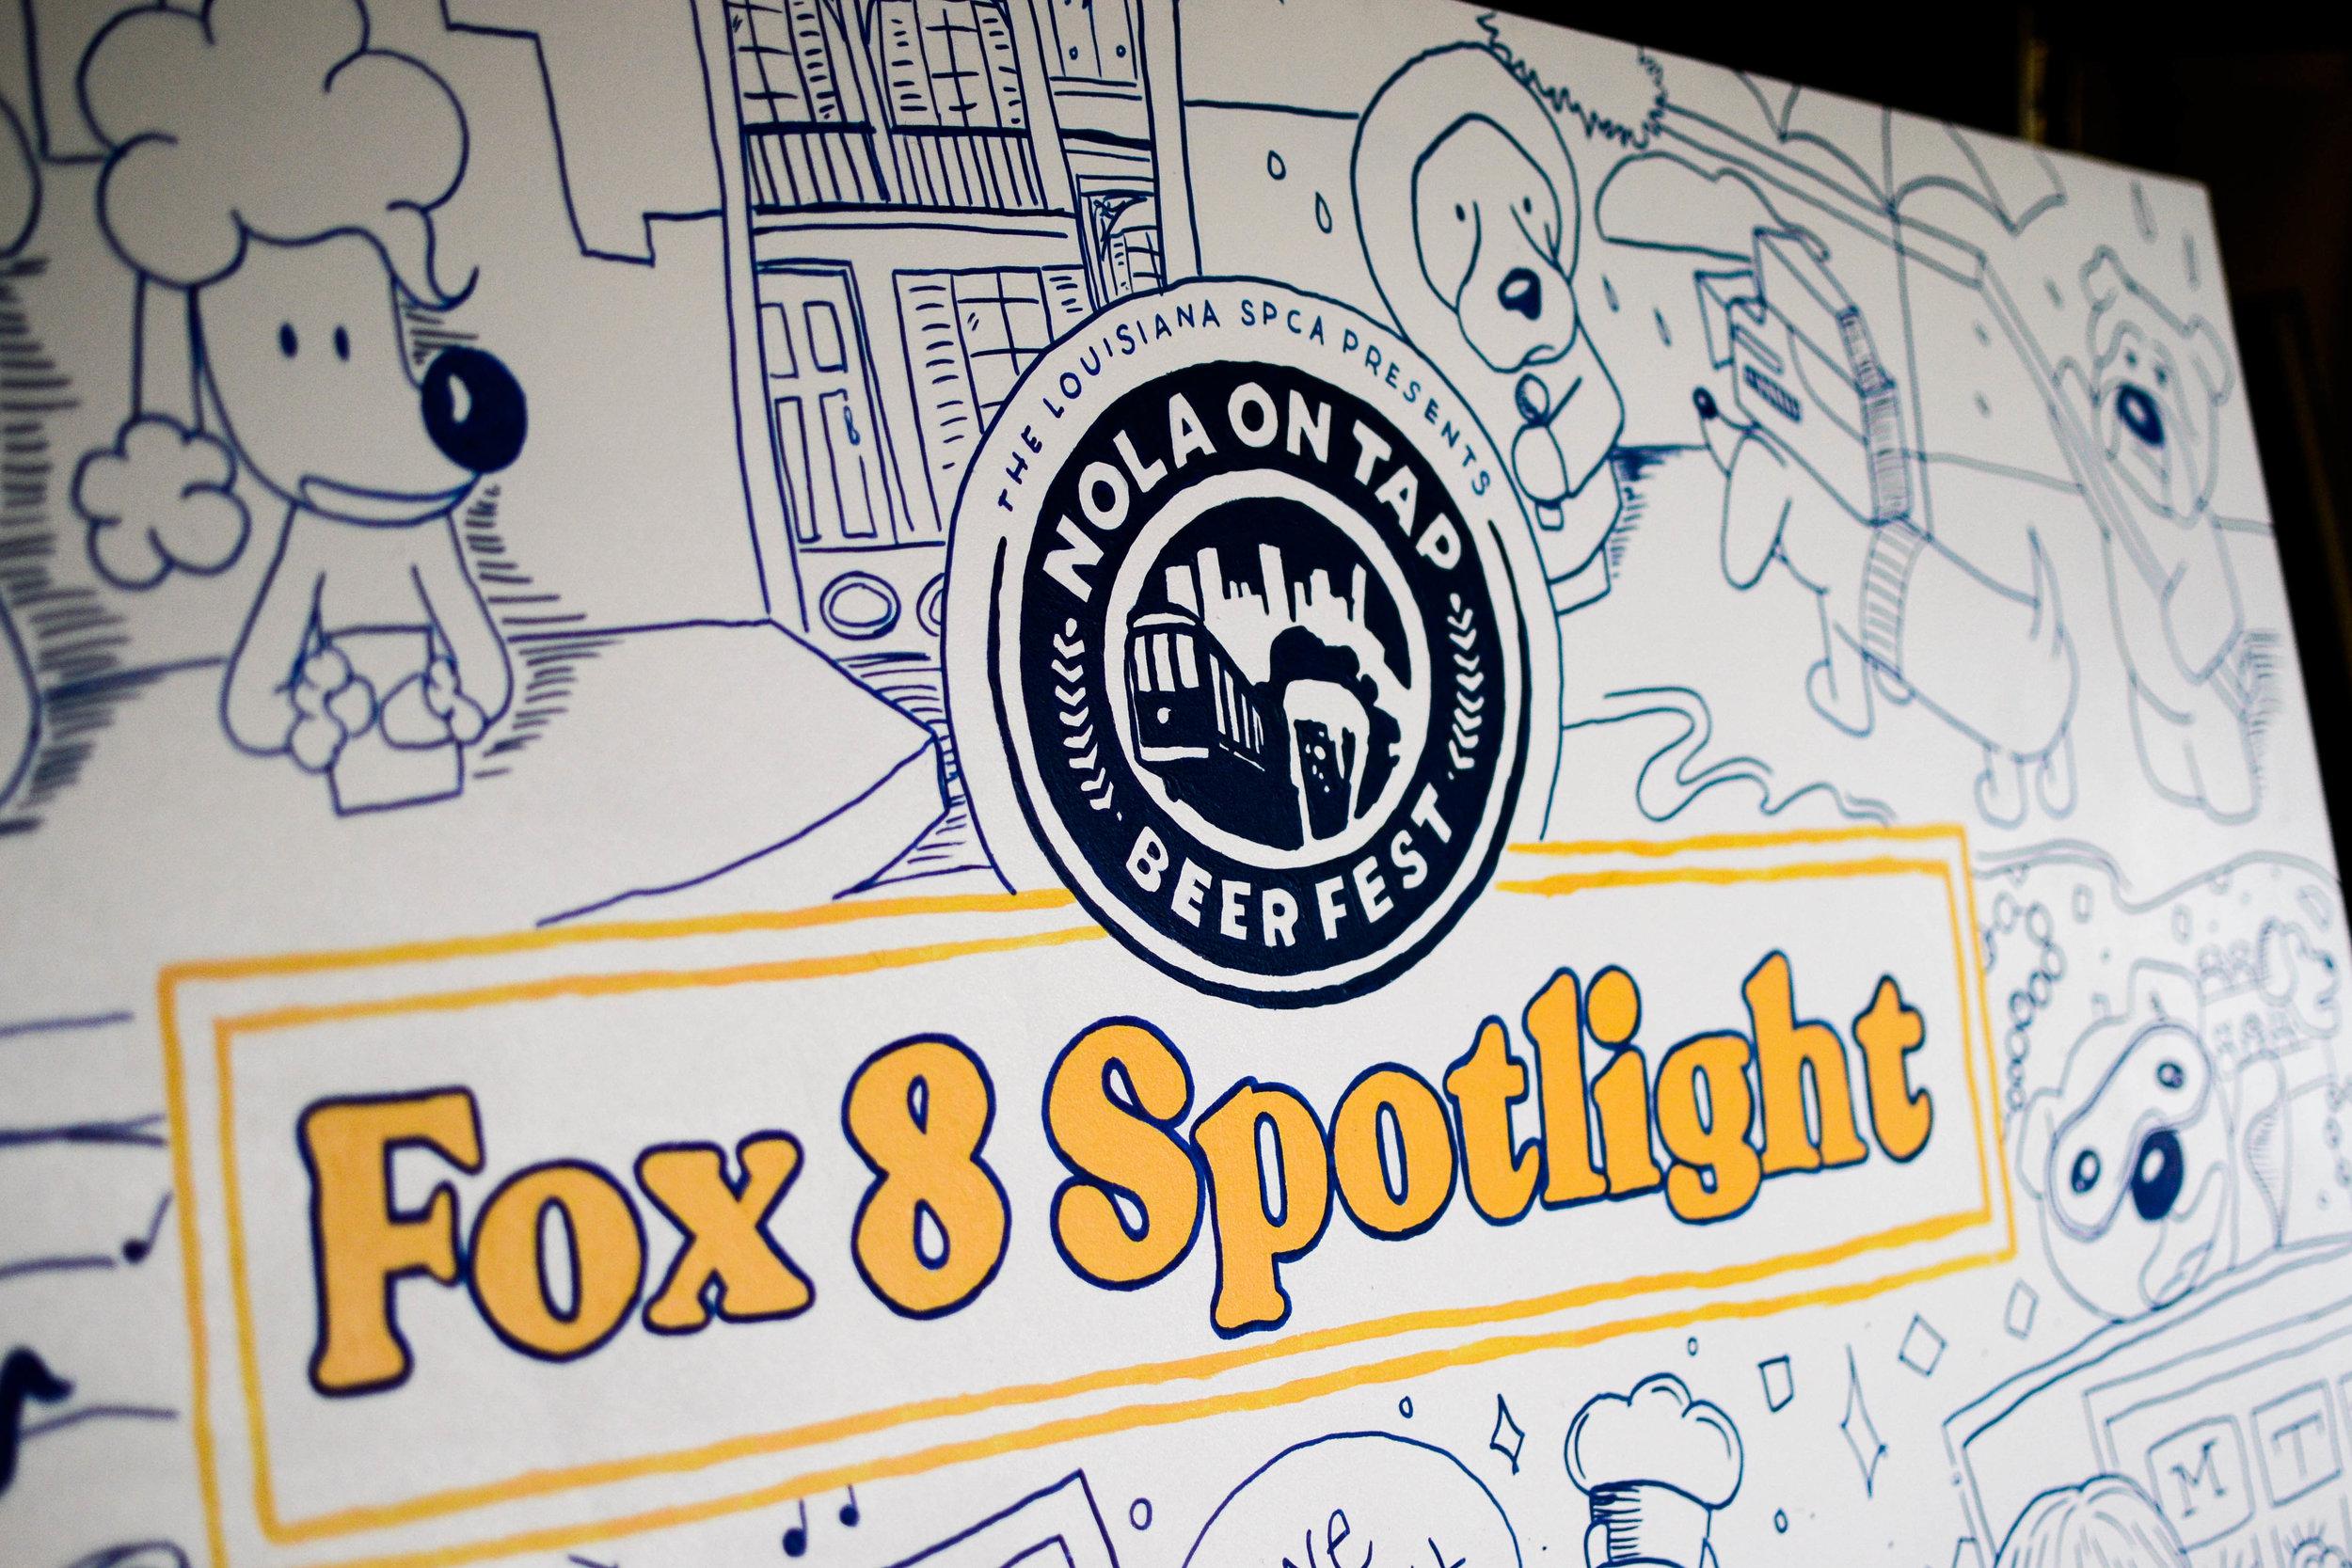 NOLAonTap_Fox8Spotlight (8 of 22).jpg